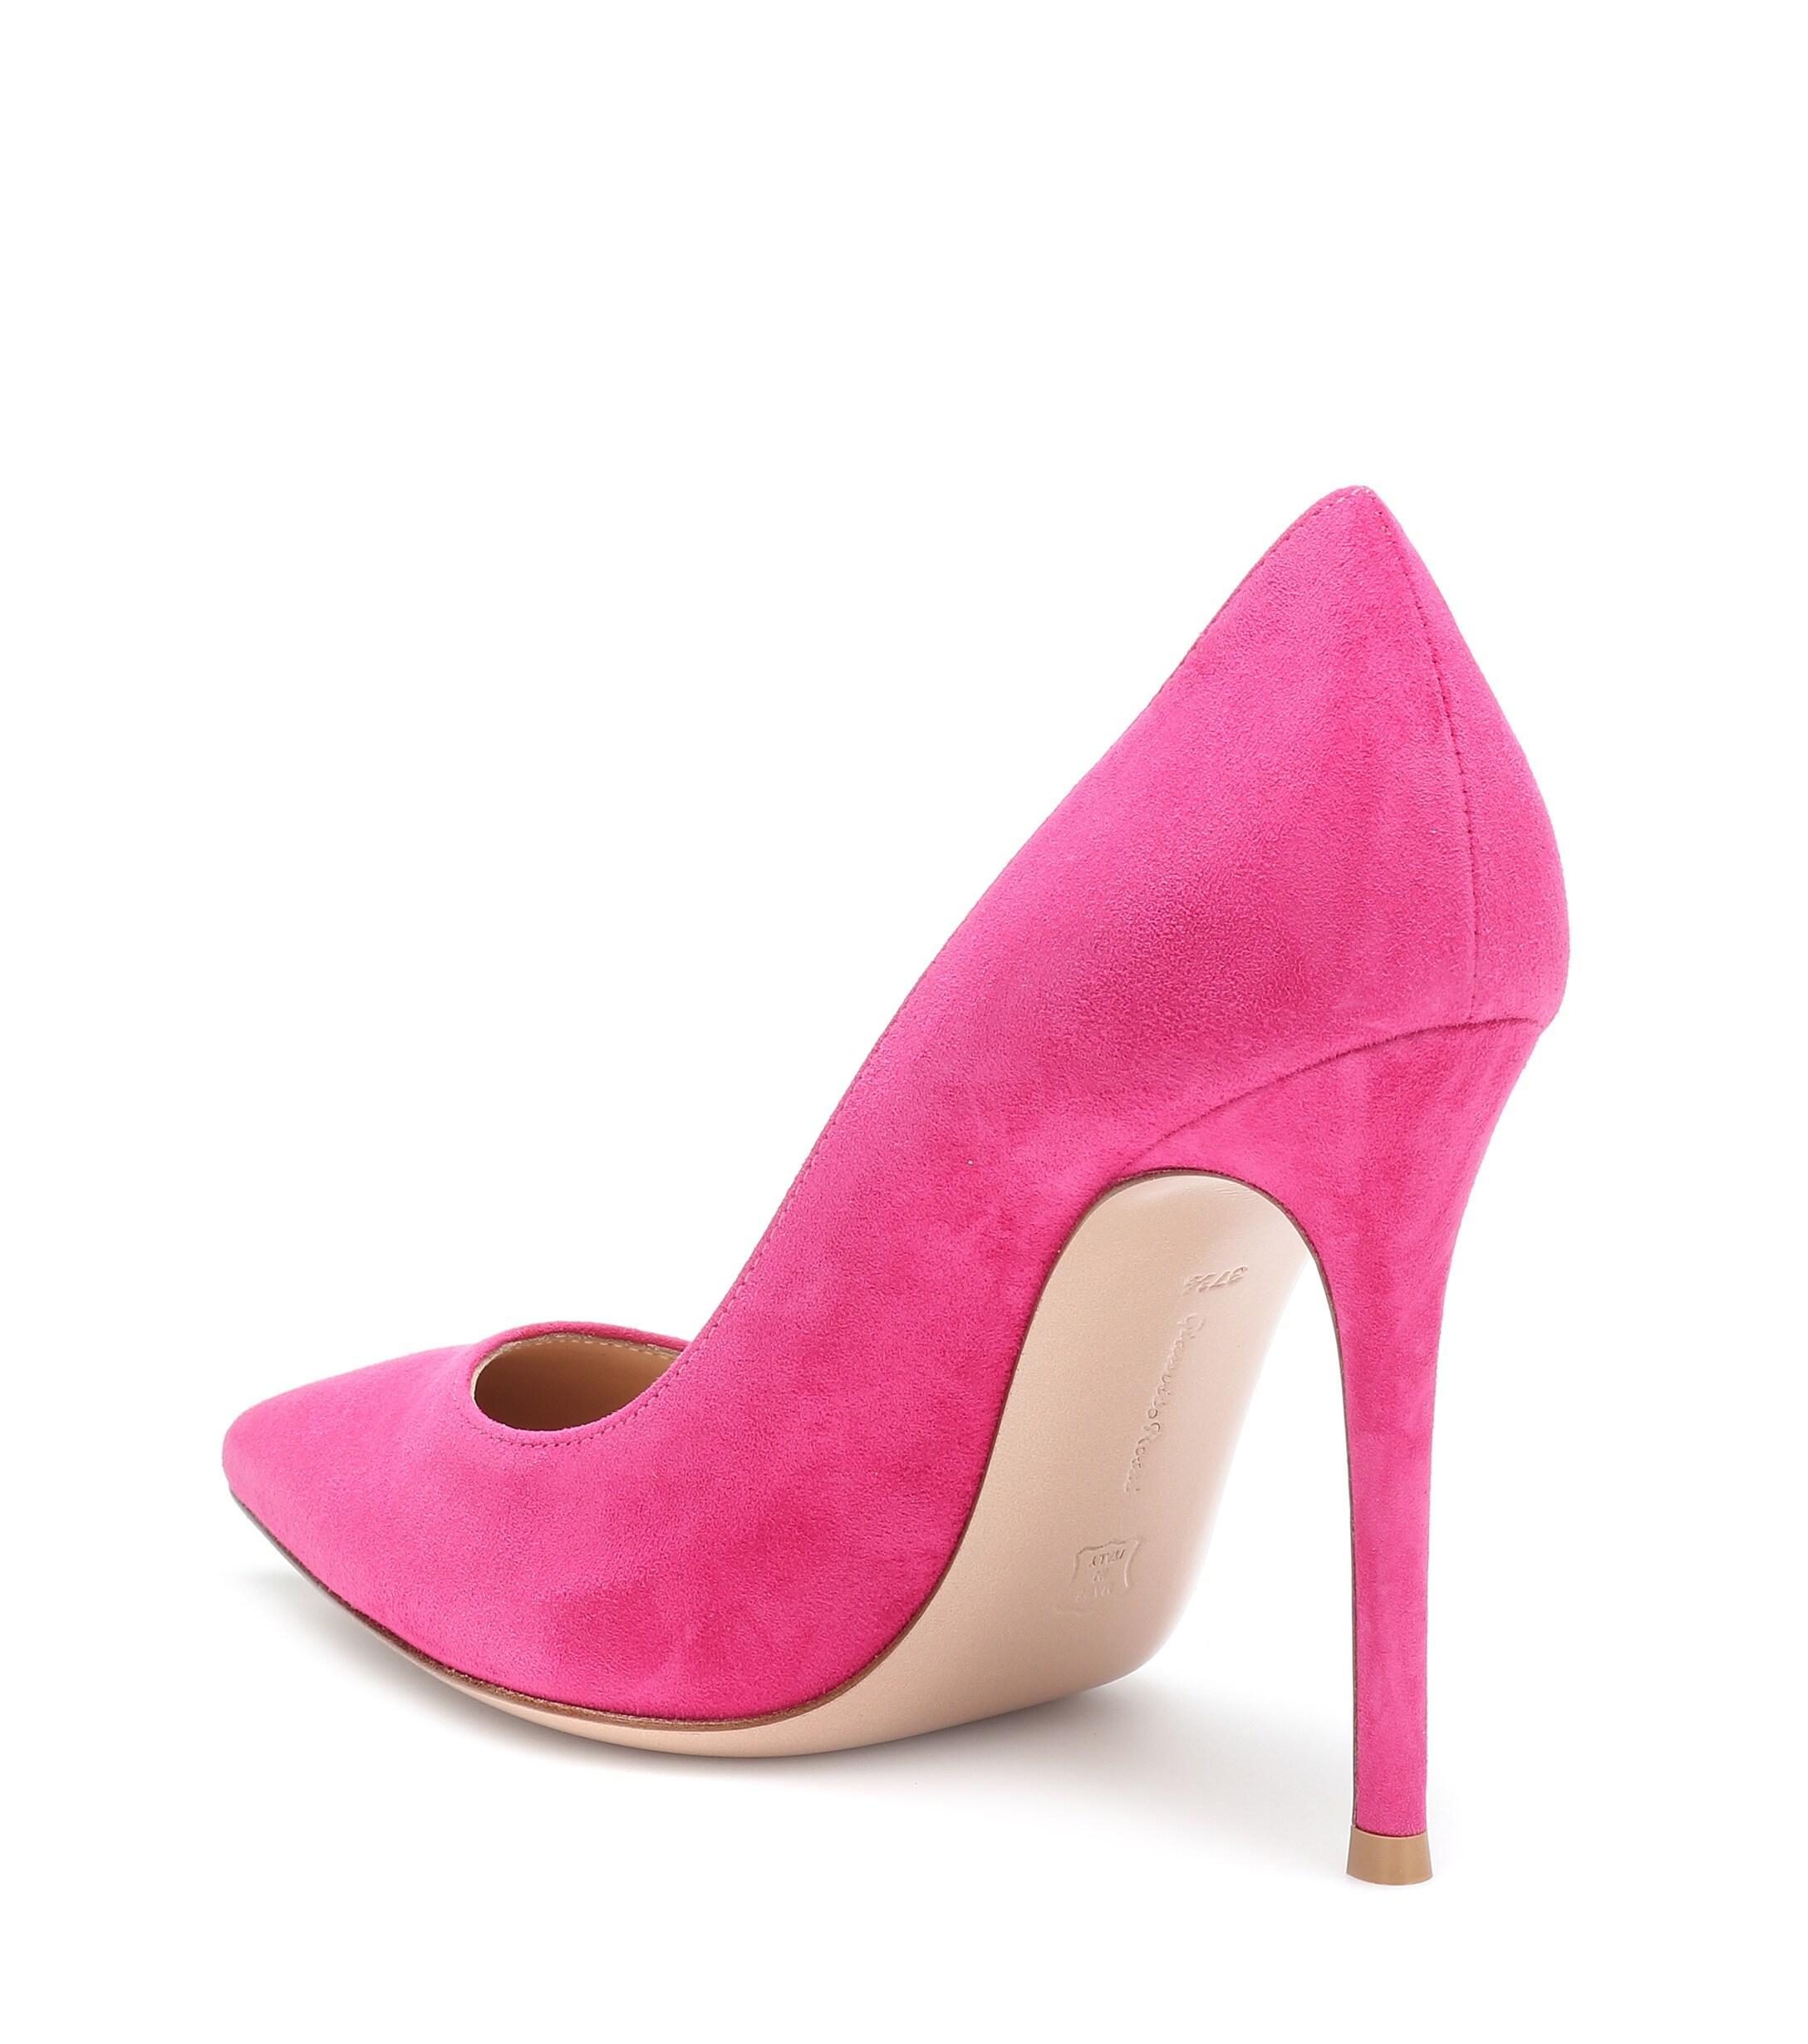 Salones Gianvito 105 de gamuza Gianvito Rossi de Ante de color Rosa